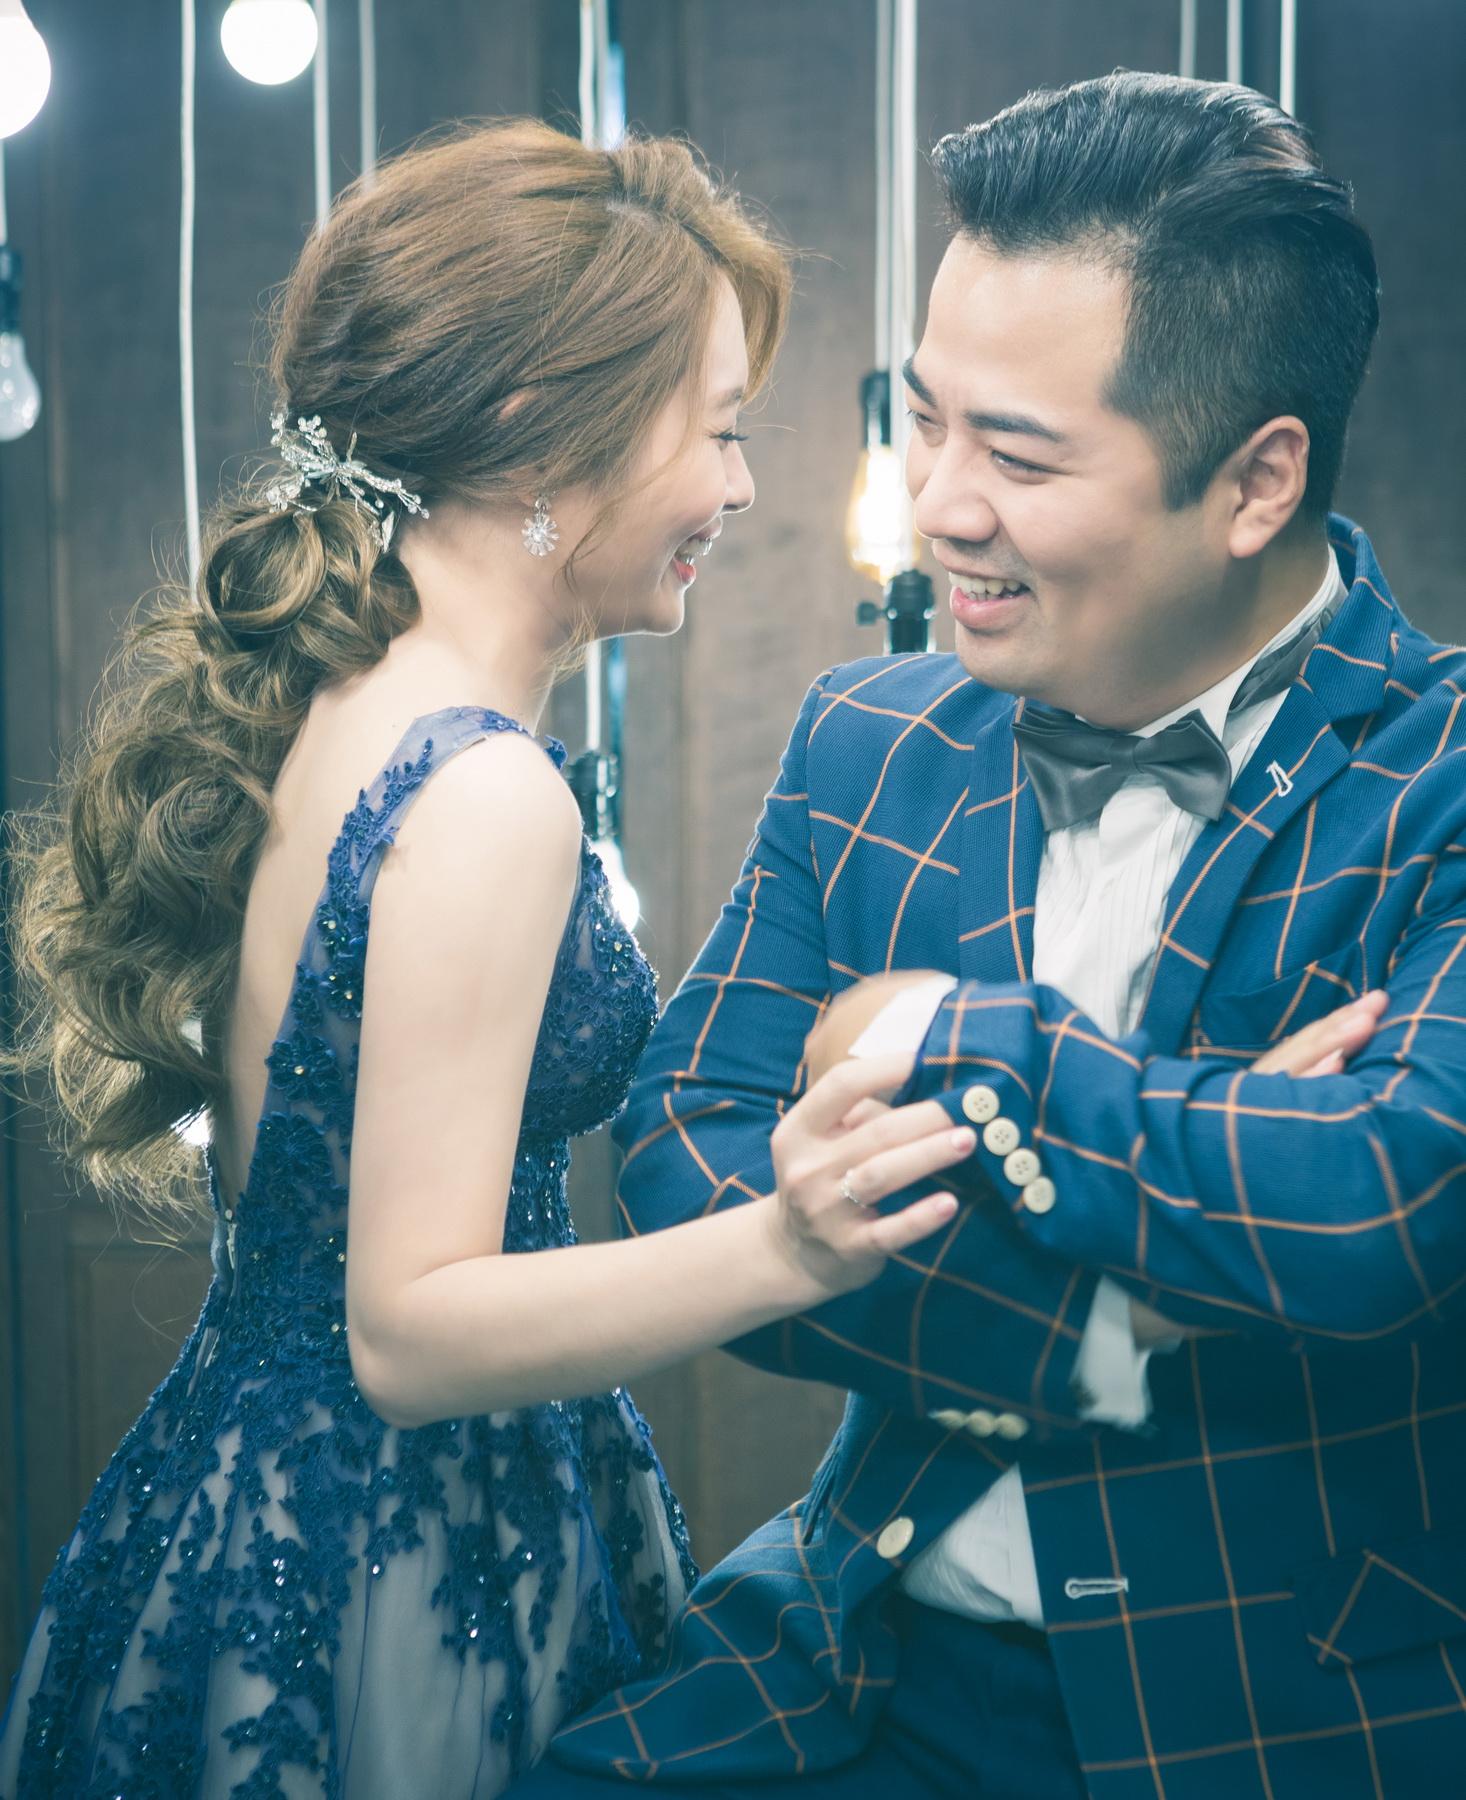 高雄法國台北婚紗 新人推薦 婚紗 幸福快樂